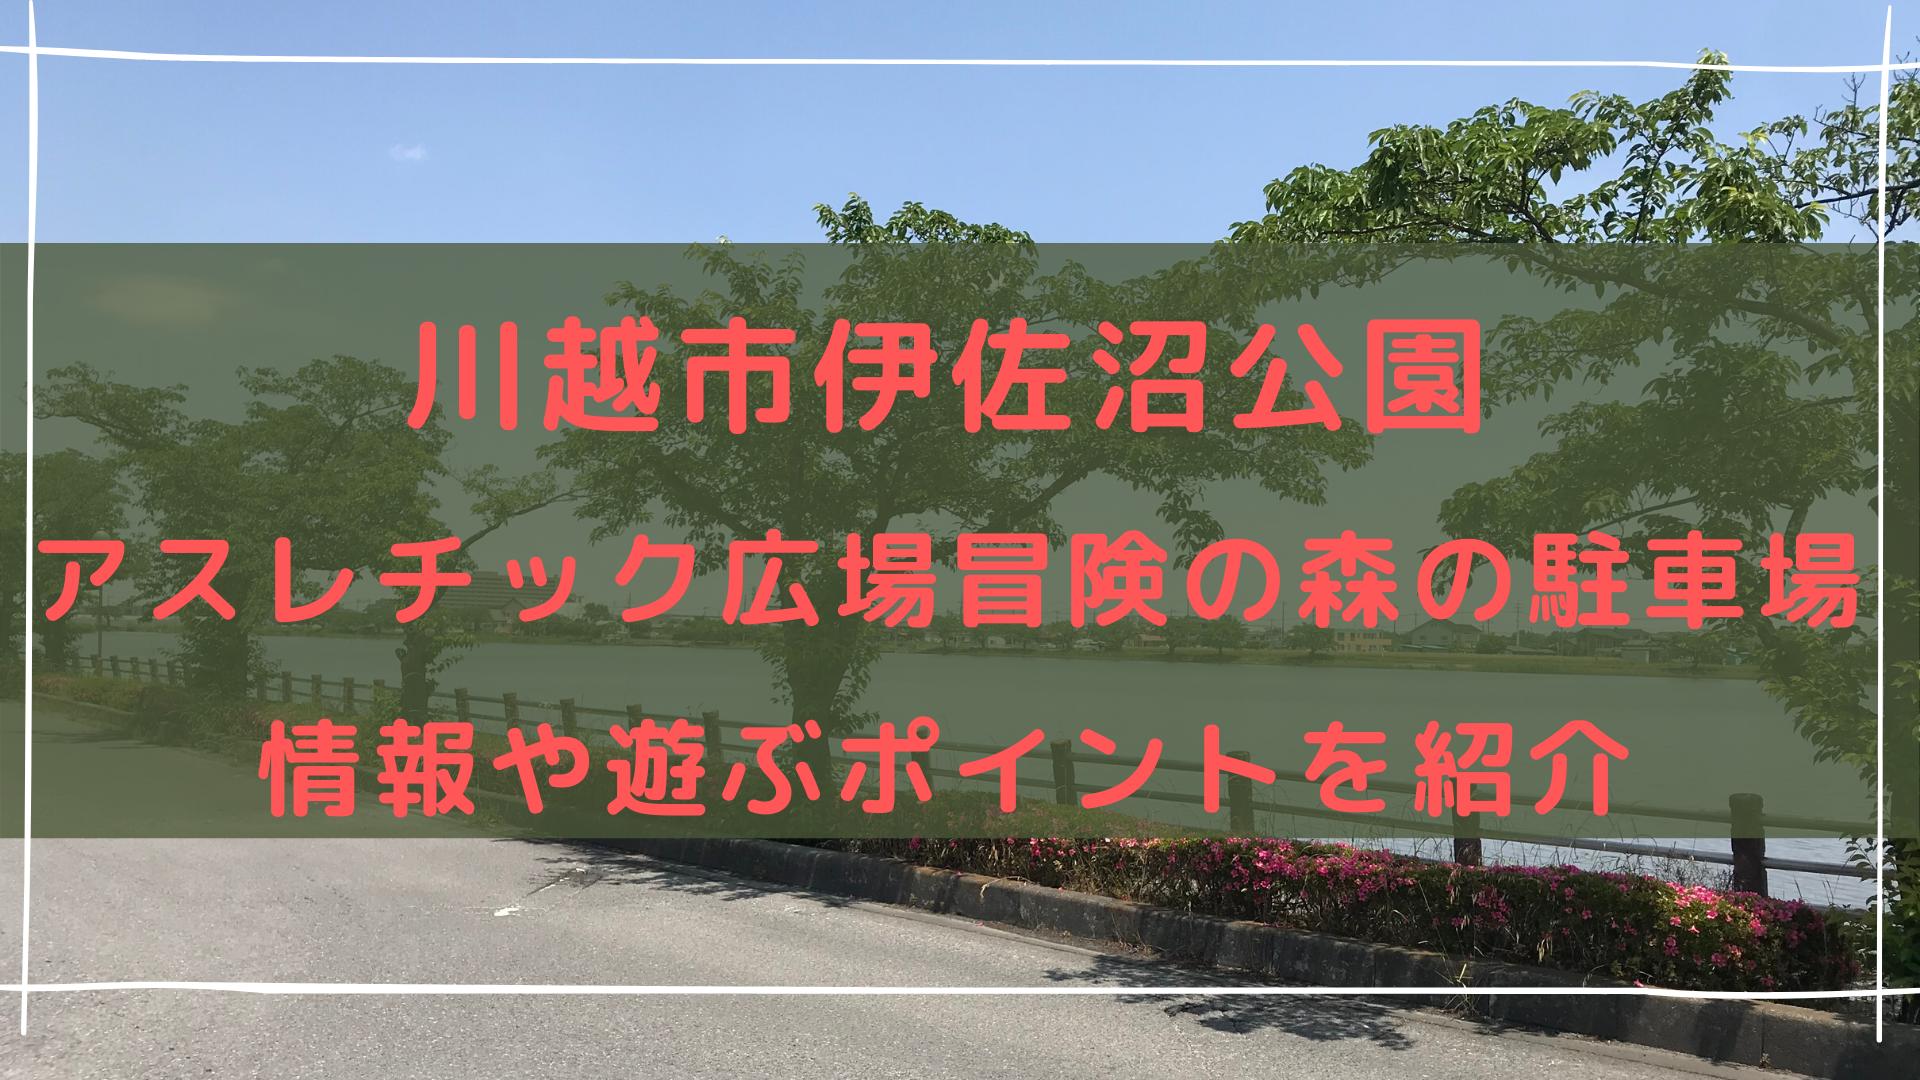 アスレチック広場冒険の森の駐車場情報や遊ぶポイントを紹介